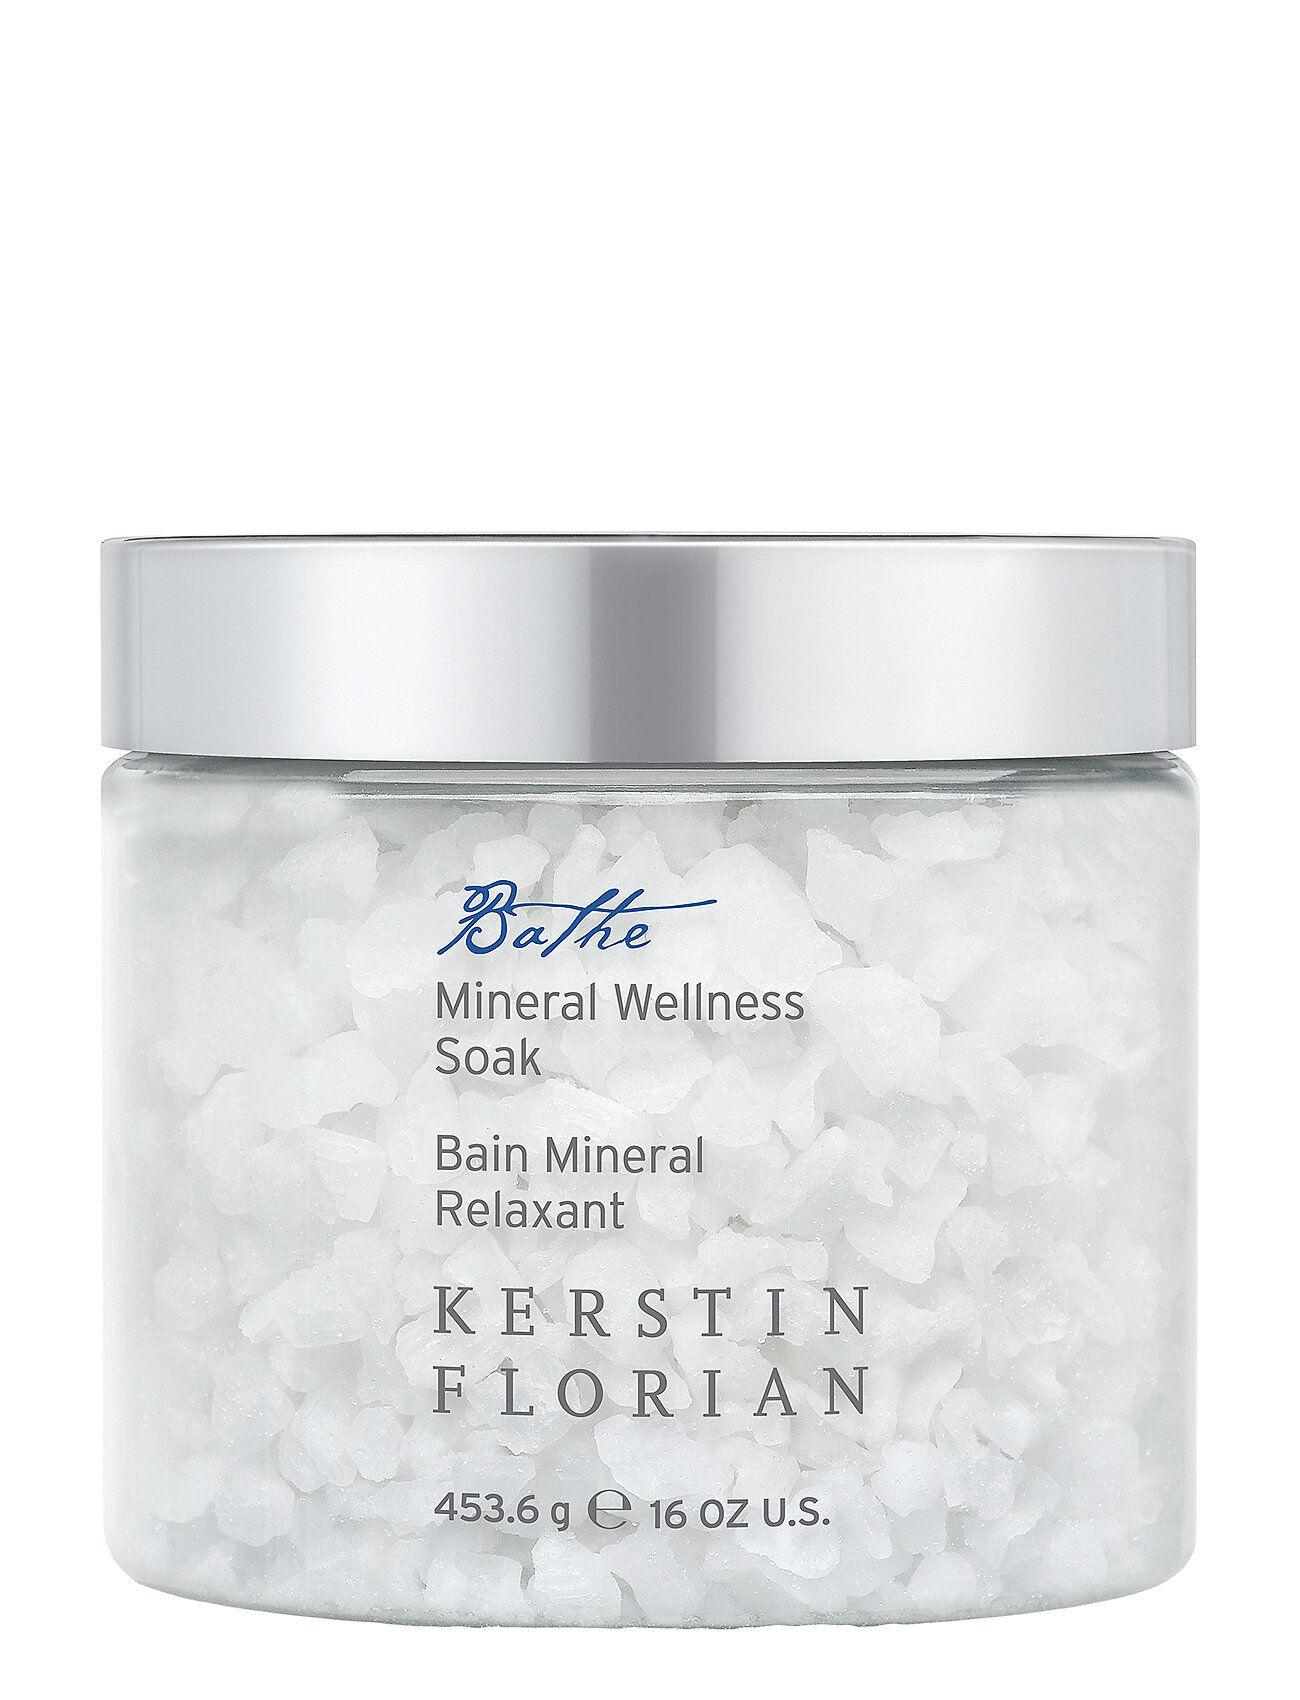 Kerstin Florian Mineral Wellness Soak